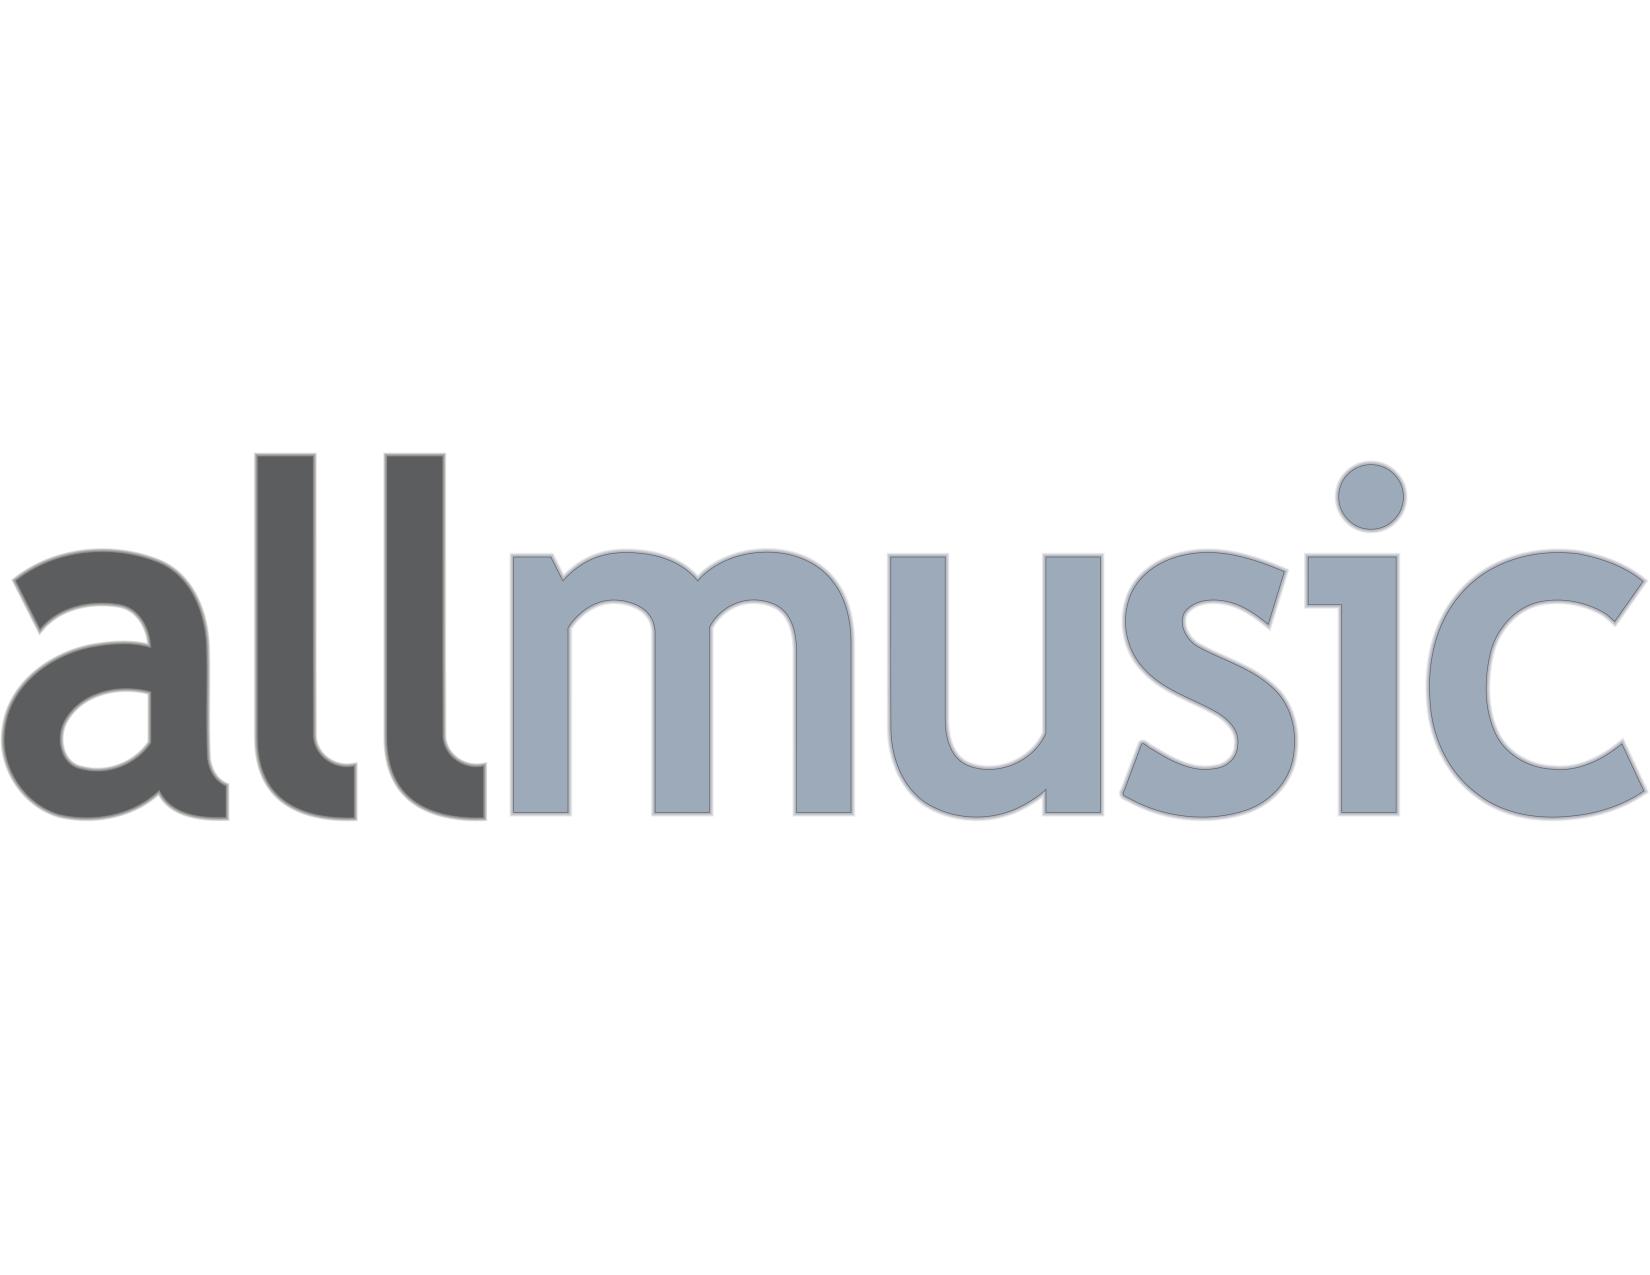 logos-white-1_0006_Allmusic_logo_(shadow).png